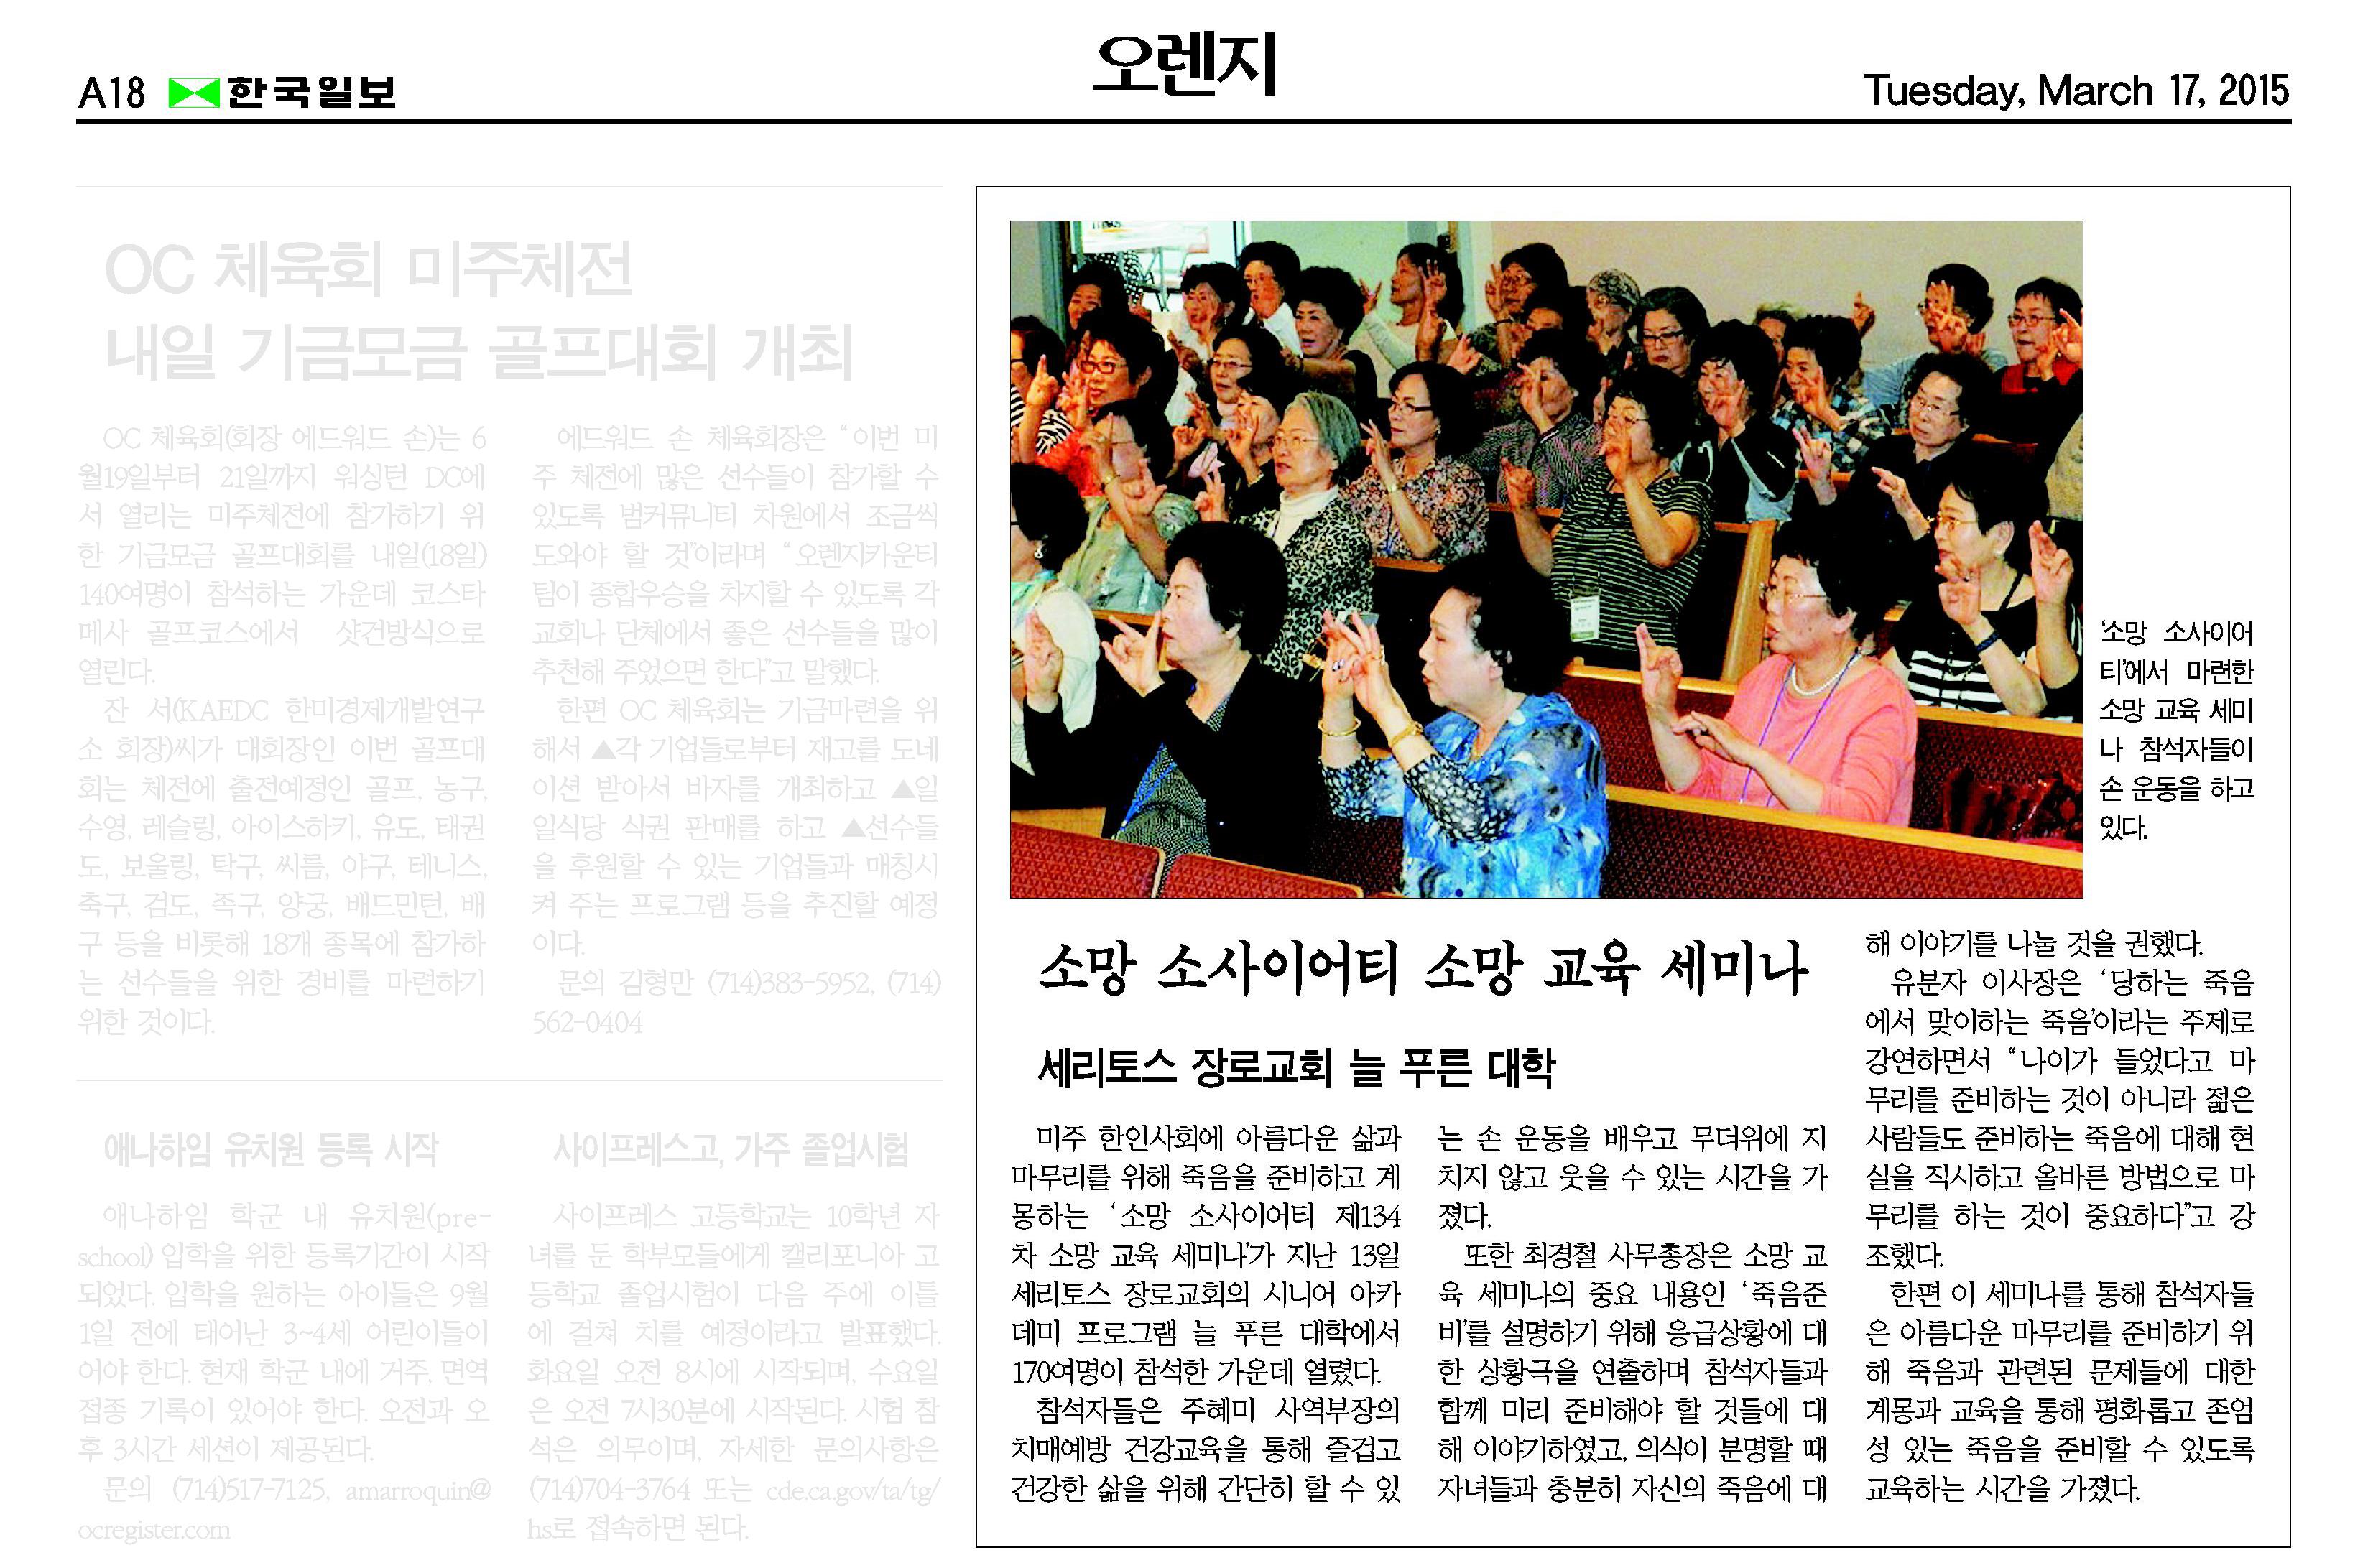 """""""소망 소사이어티 소망 교육 세미나"""" 2015년 3월 17일  한국일보"""